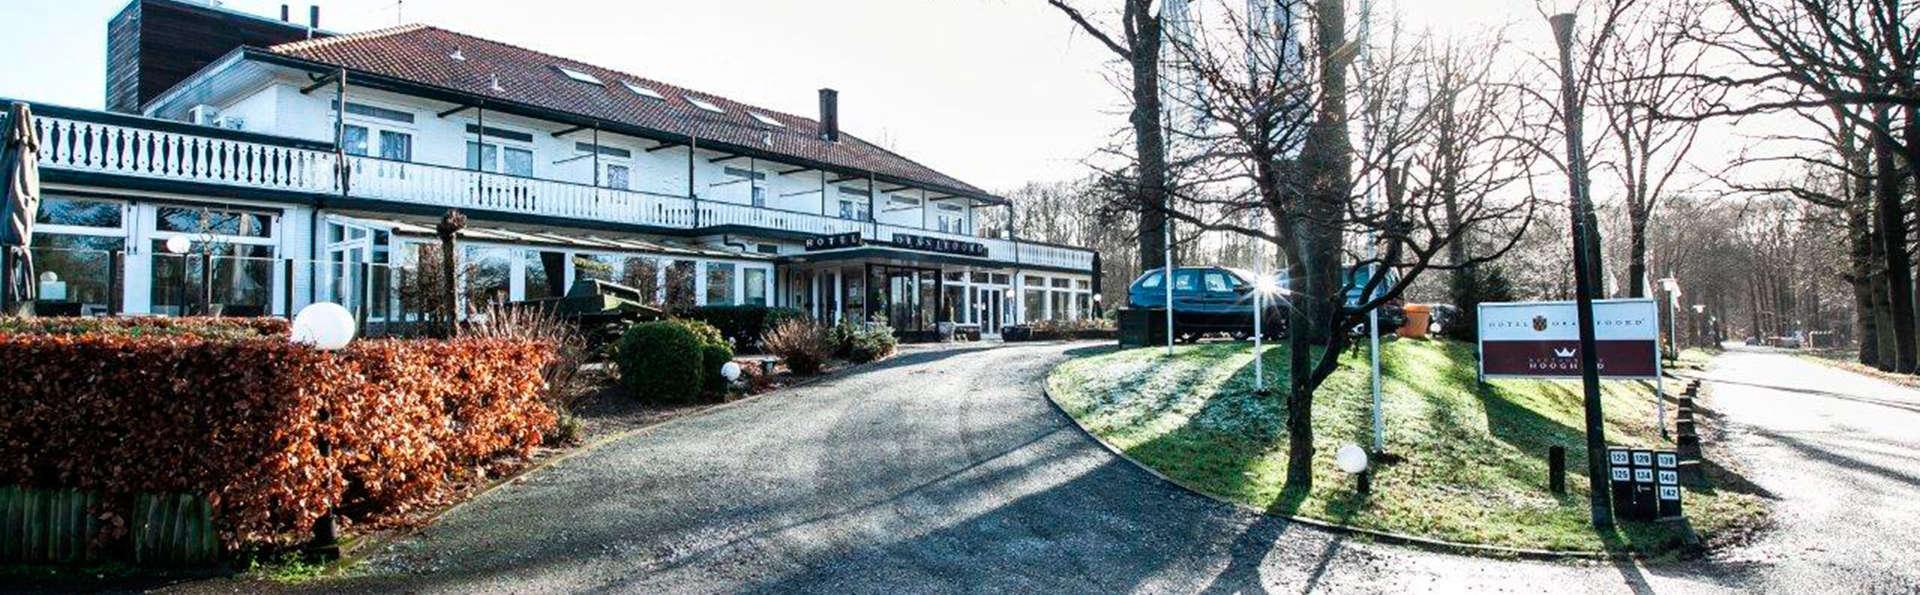 Charme Hotel Oranjeoord - EDIT_front.jpg